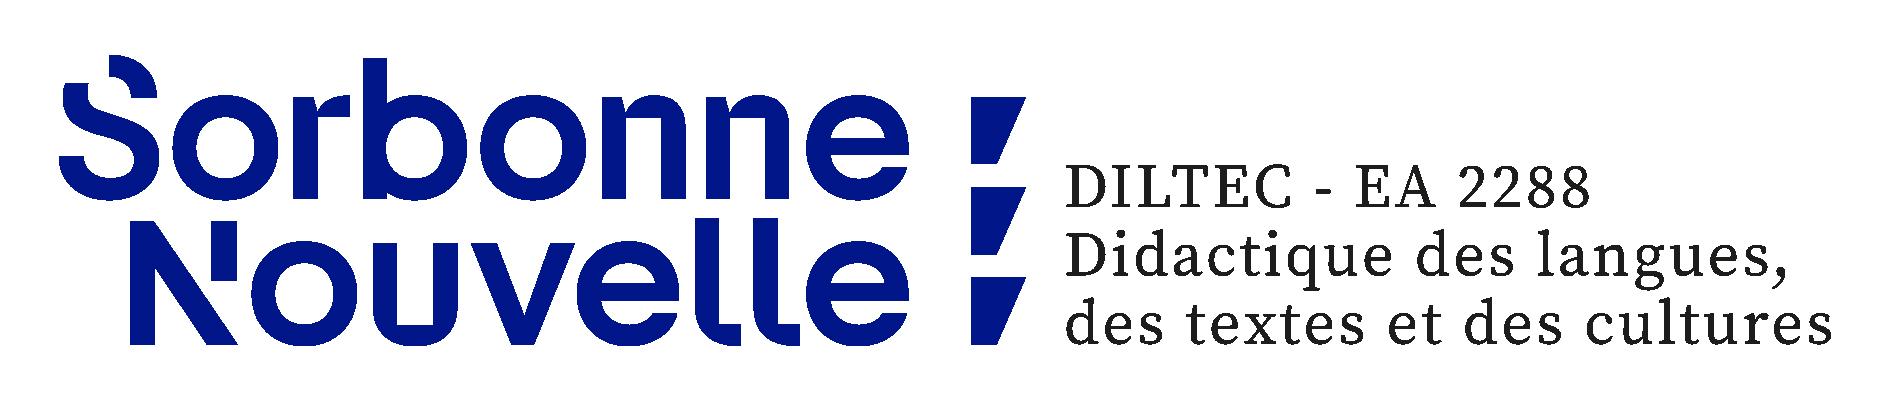 Logo. Sorbonne Nouvelle. Diltec EA 2288. Didactique des langues, des textes et des cultures.